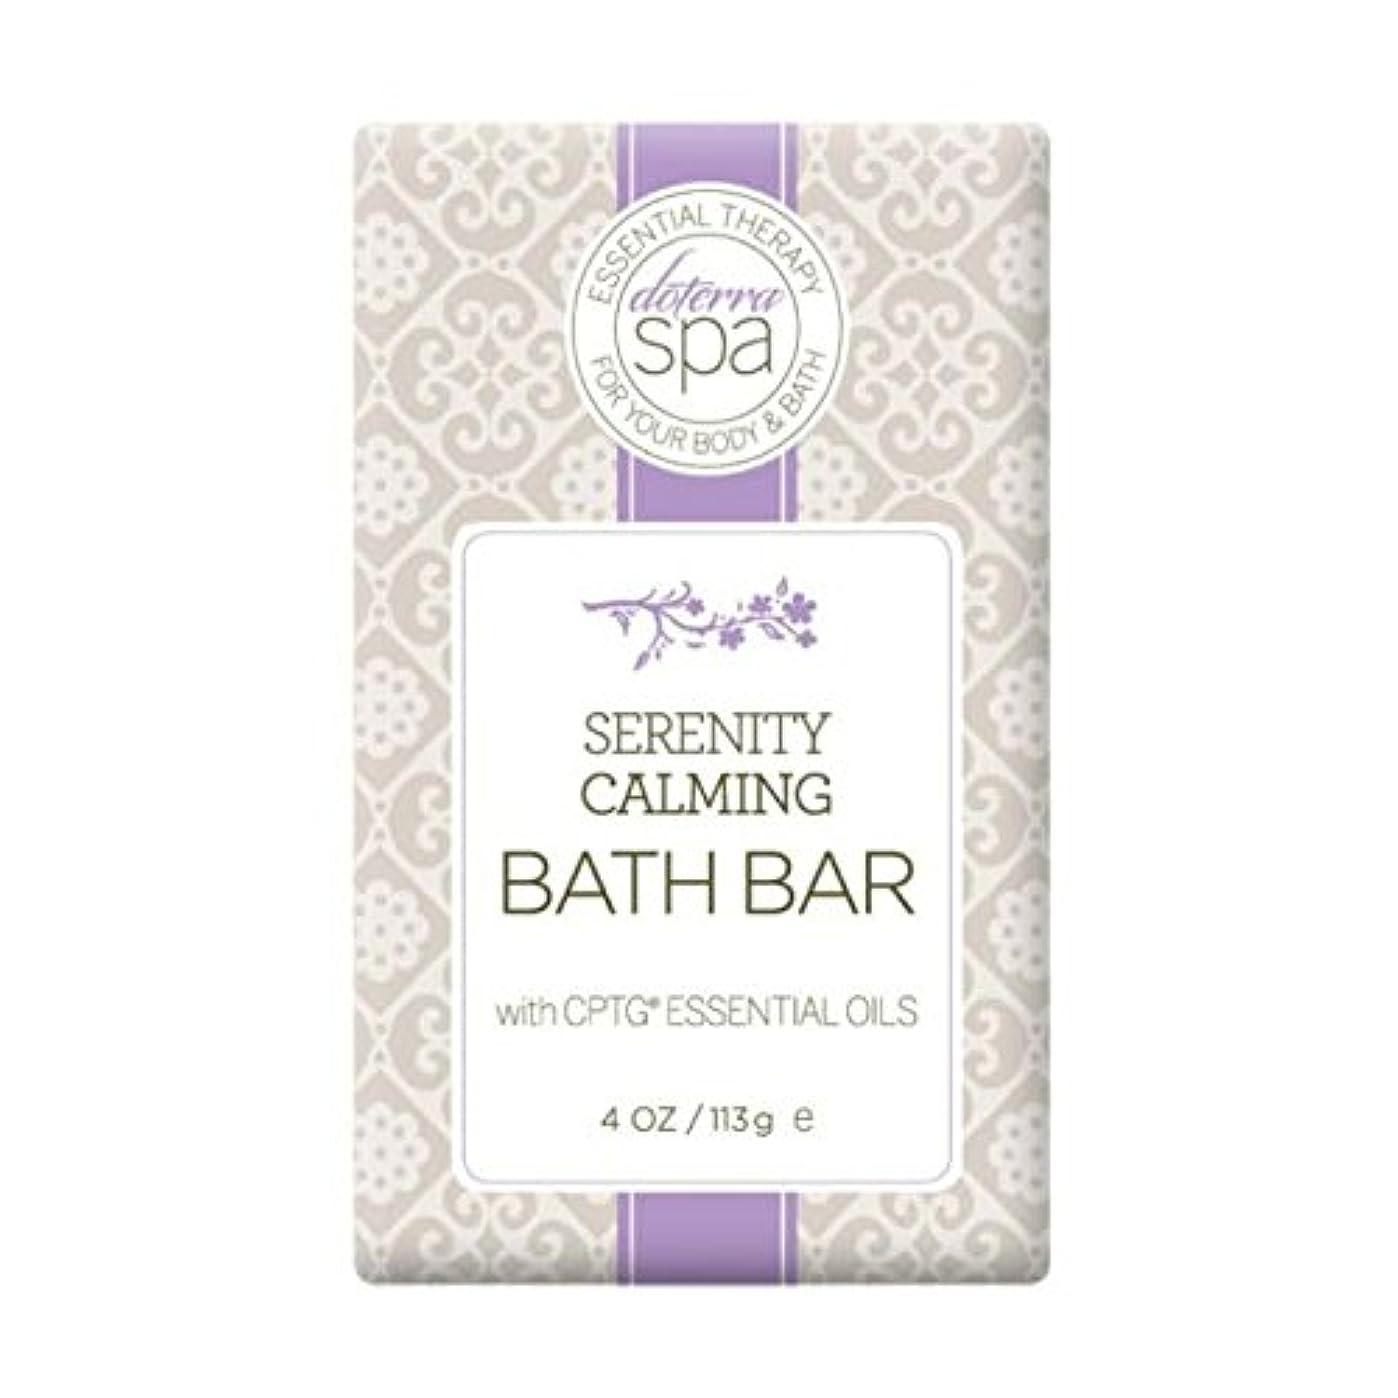 勝利流用する拍手するdoTERRA ドテラ スパ SPA Bath Bar  Serenity Calming バスバー(日本国内販売名:ウェーブリズム) 一等級精油 113g 100%CPTG [海外直送品]